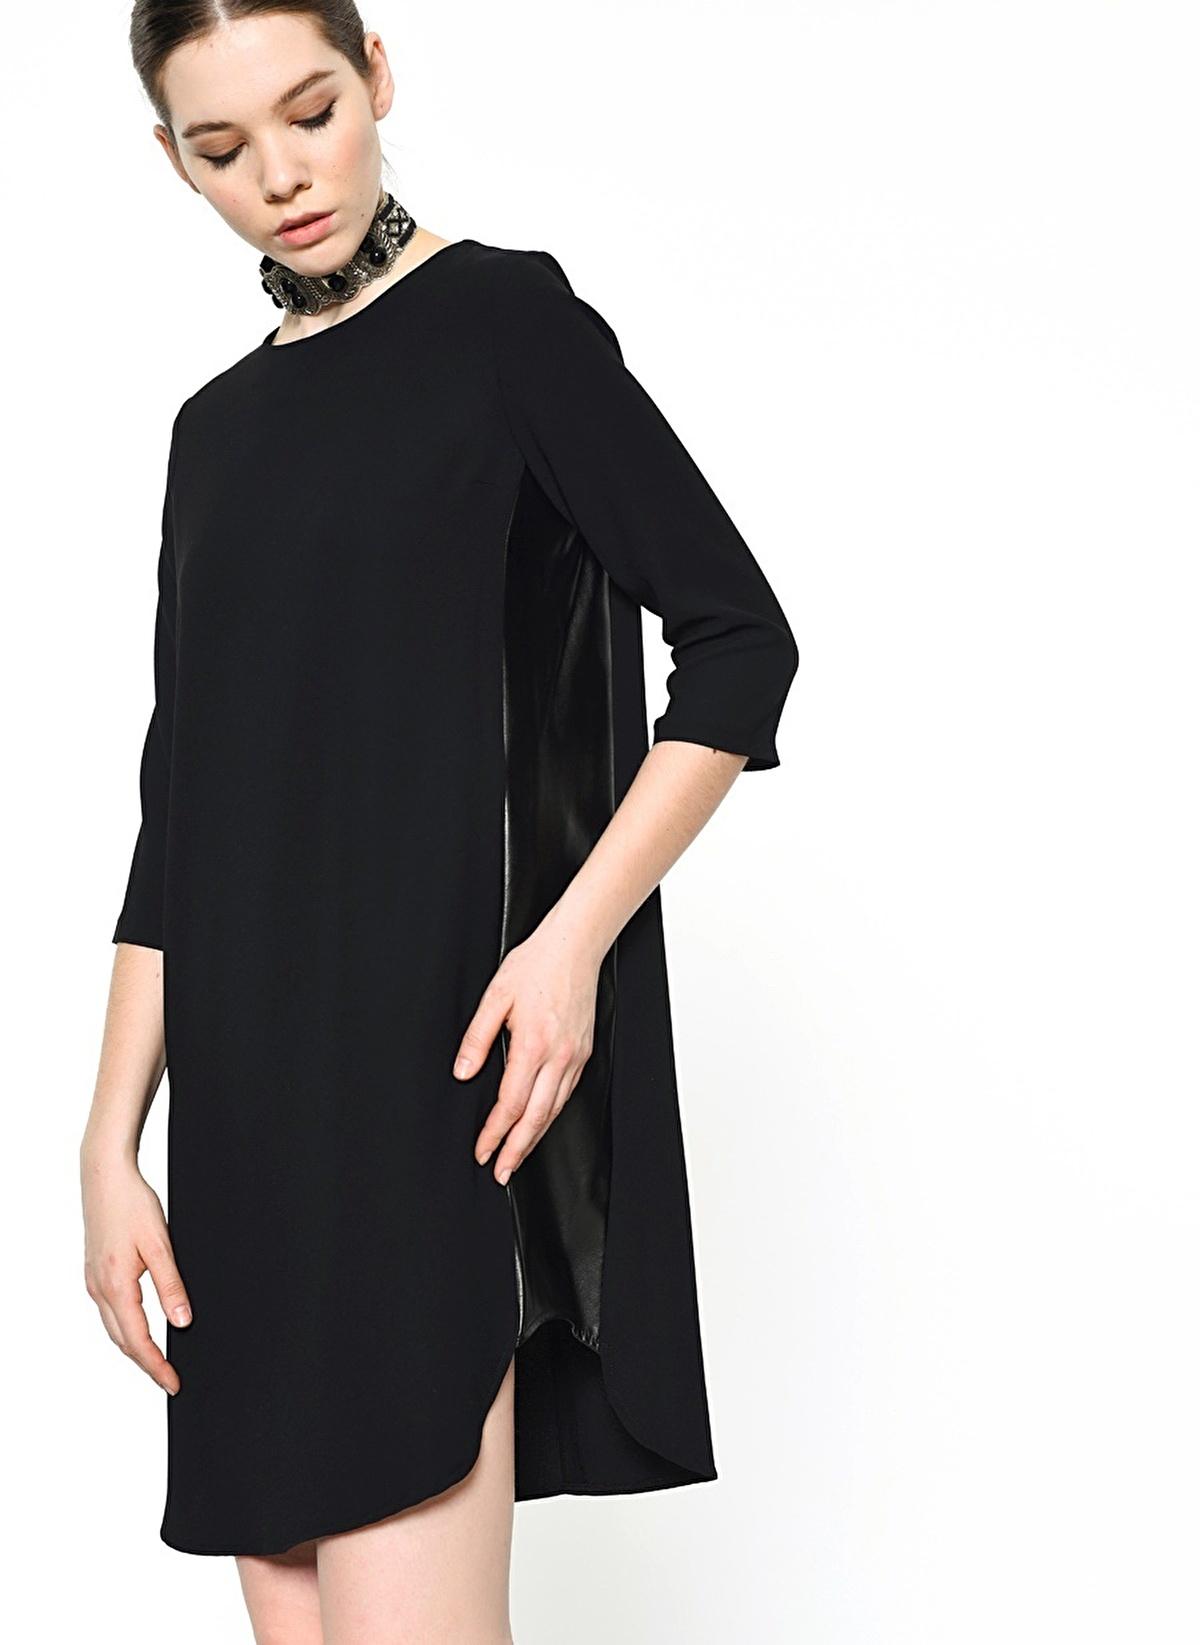 6bca9638ec885 Agenda Kadın Truvakar Kol Elbise Siyah İndirimli Fiyat | Morhipo ...